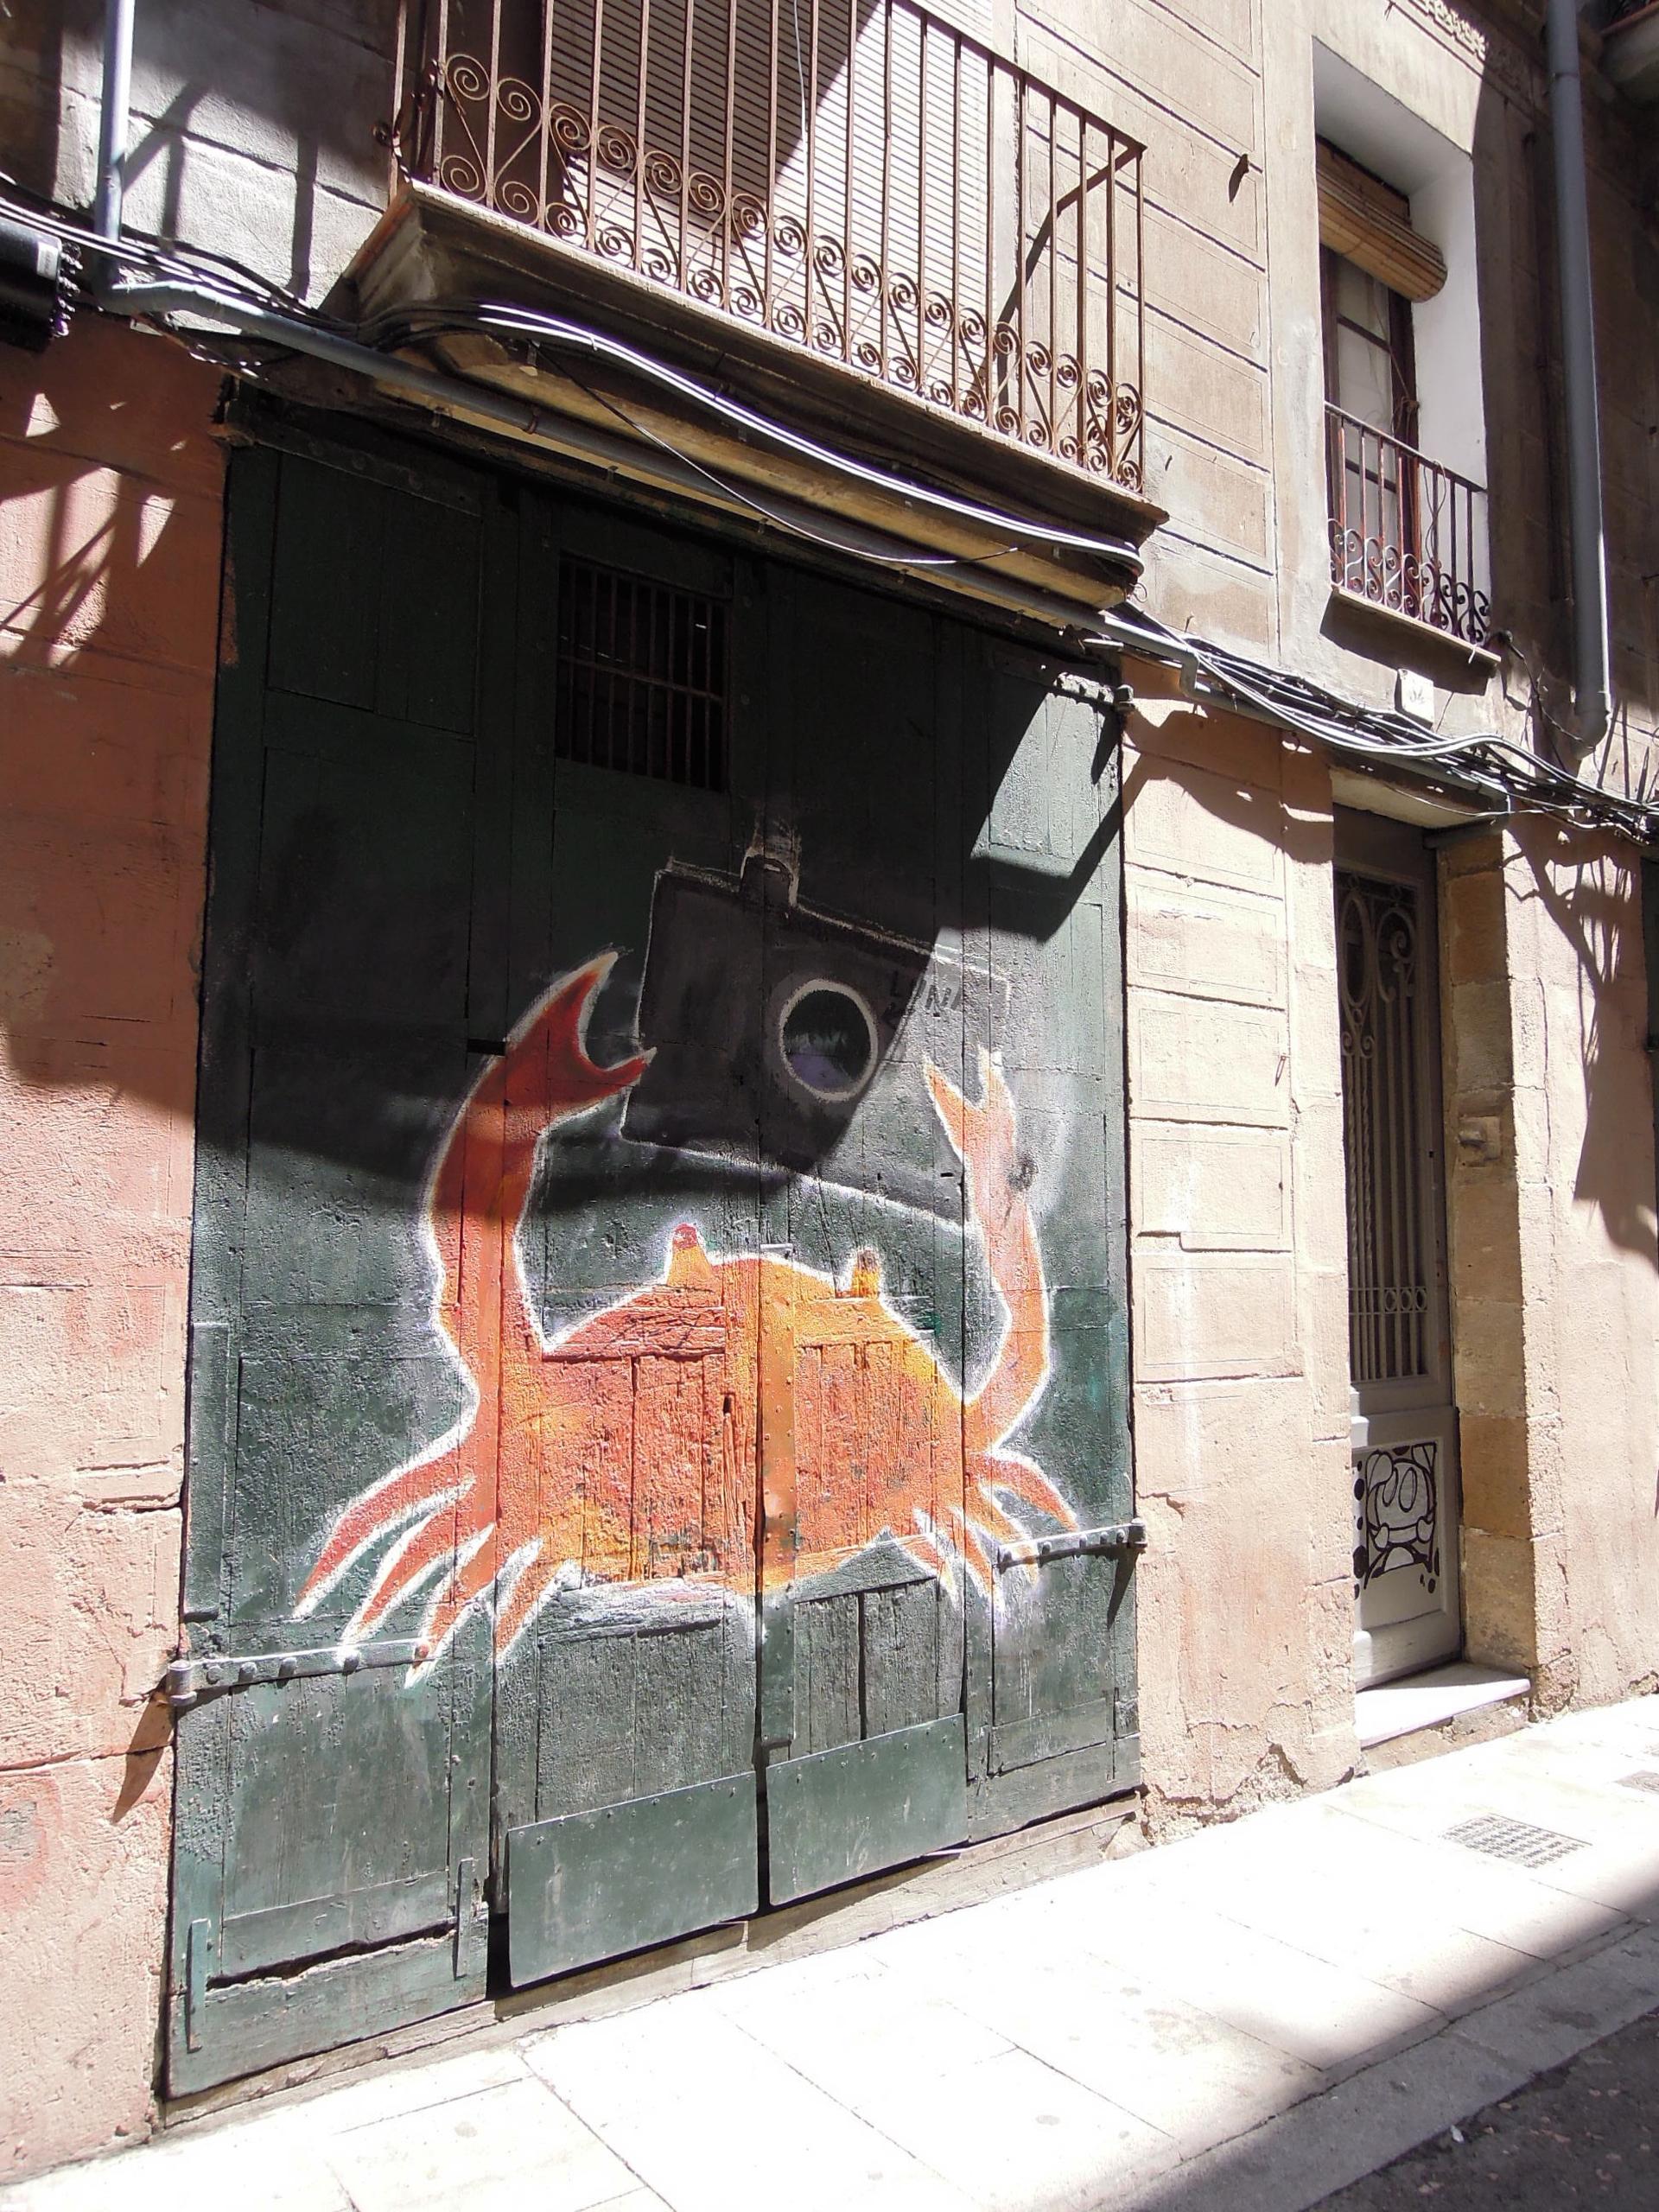 Let's take a picture! | gato.gordi, architecture, art, building